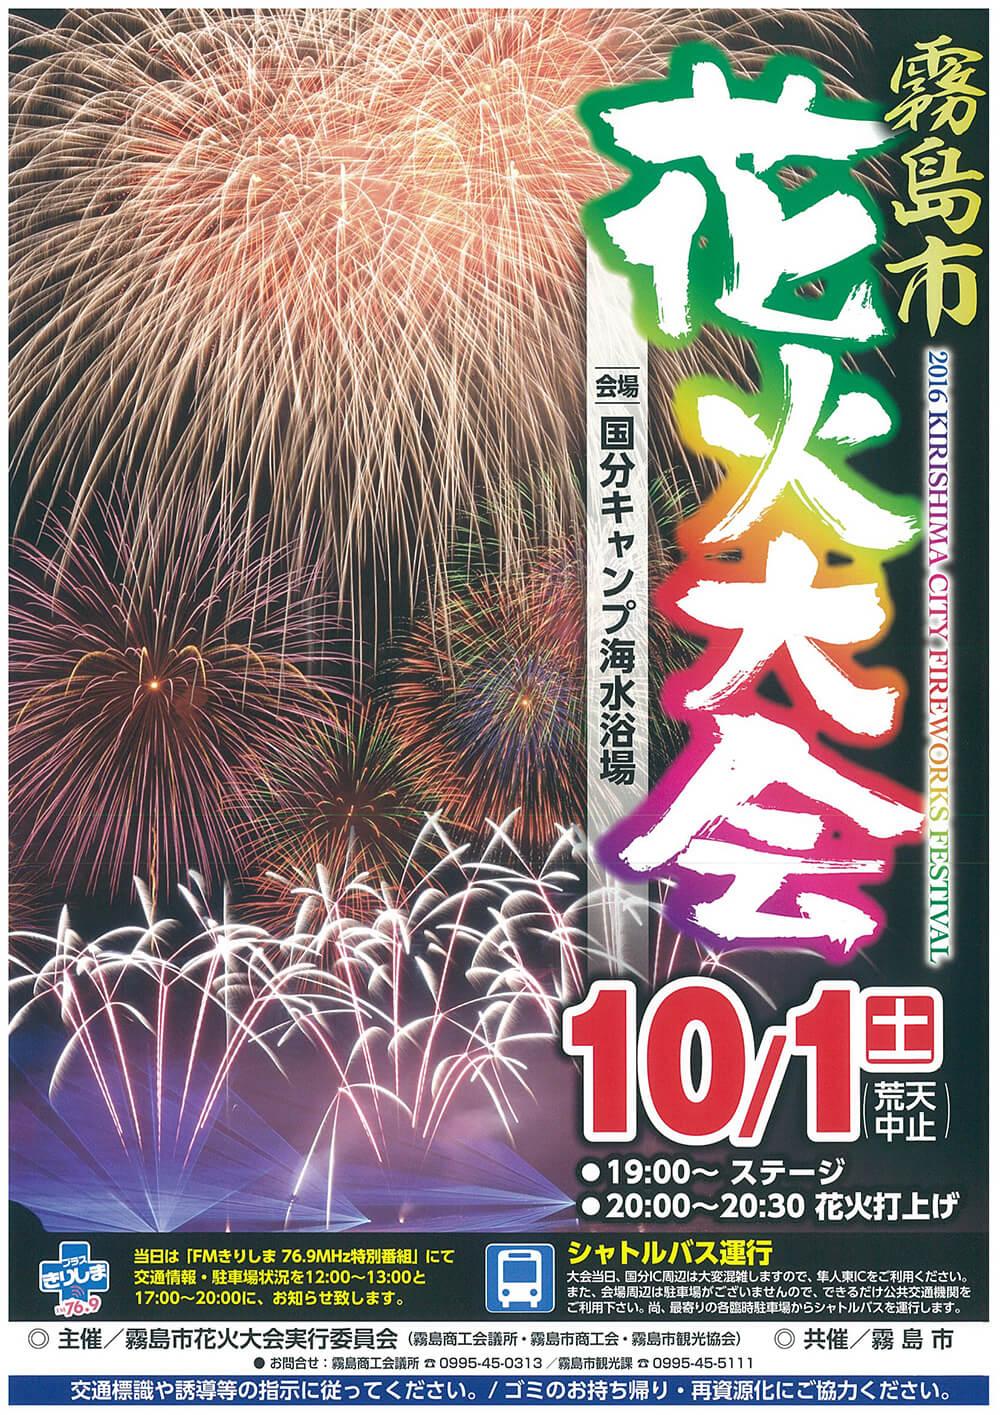 霧島市花火大会のお知らせ